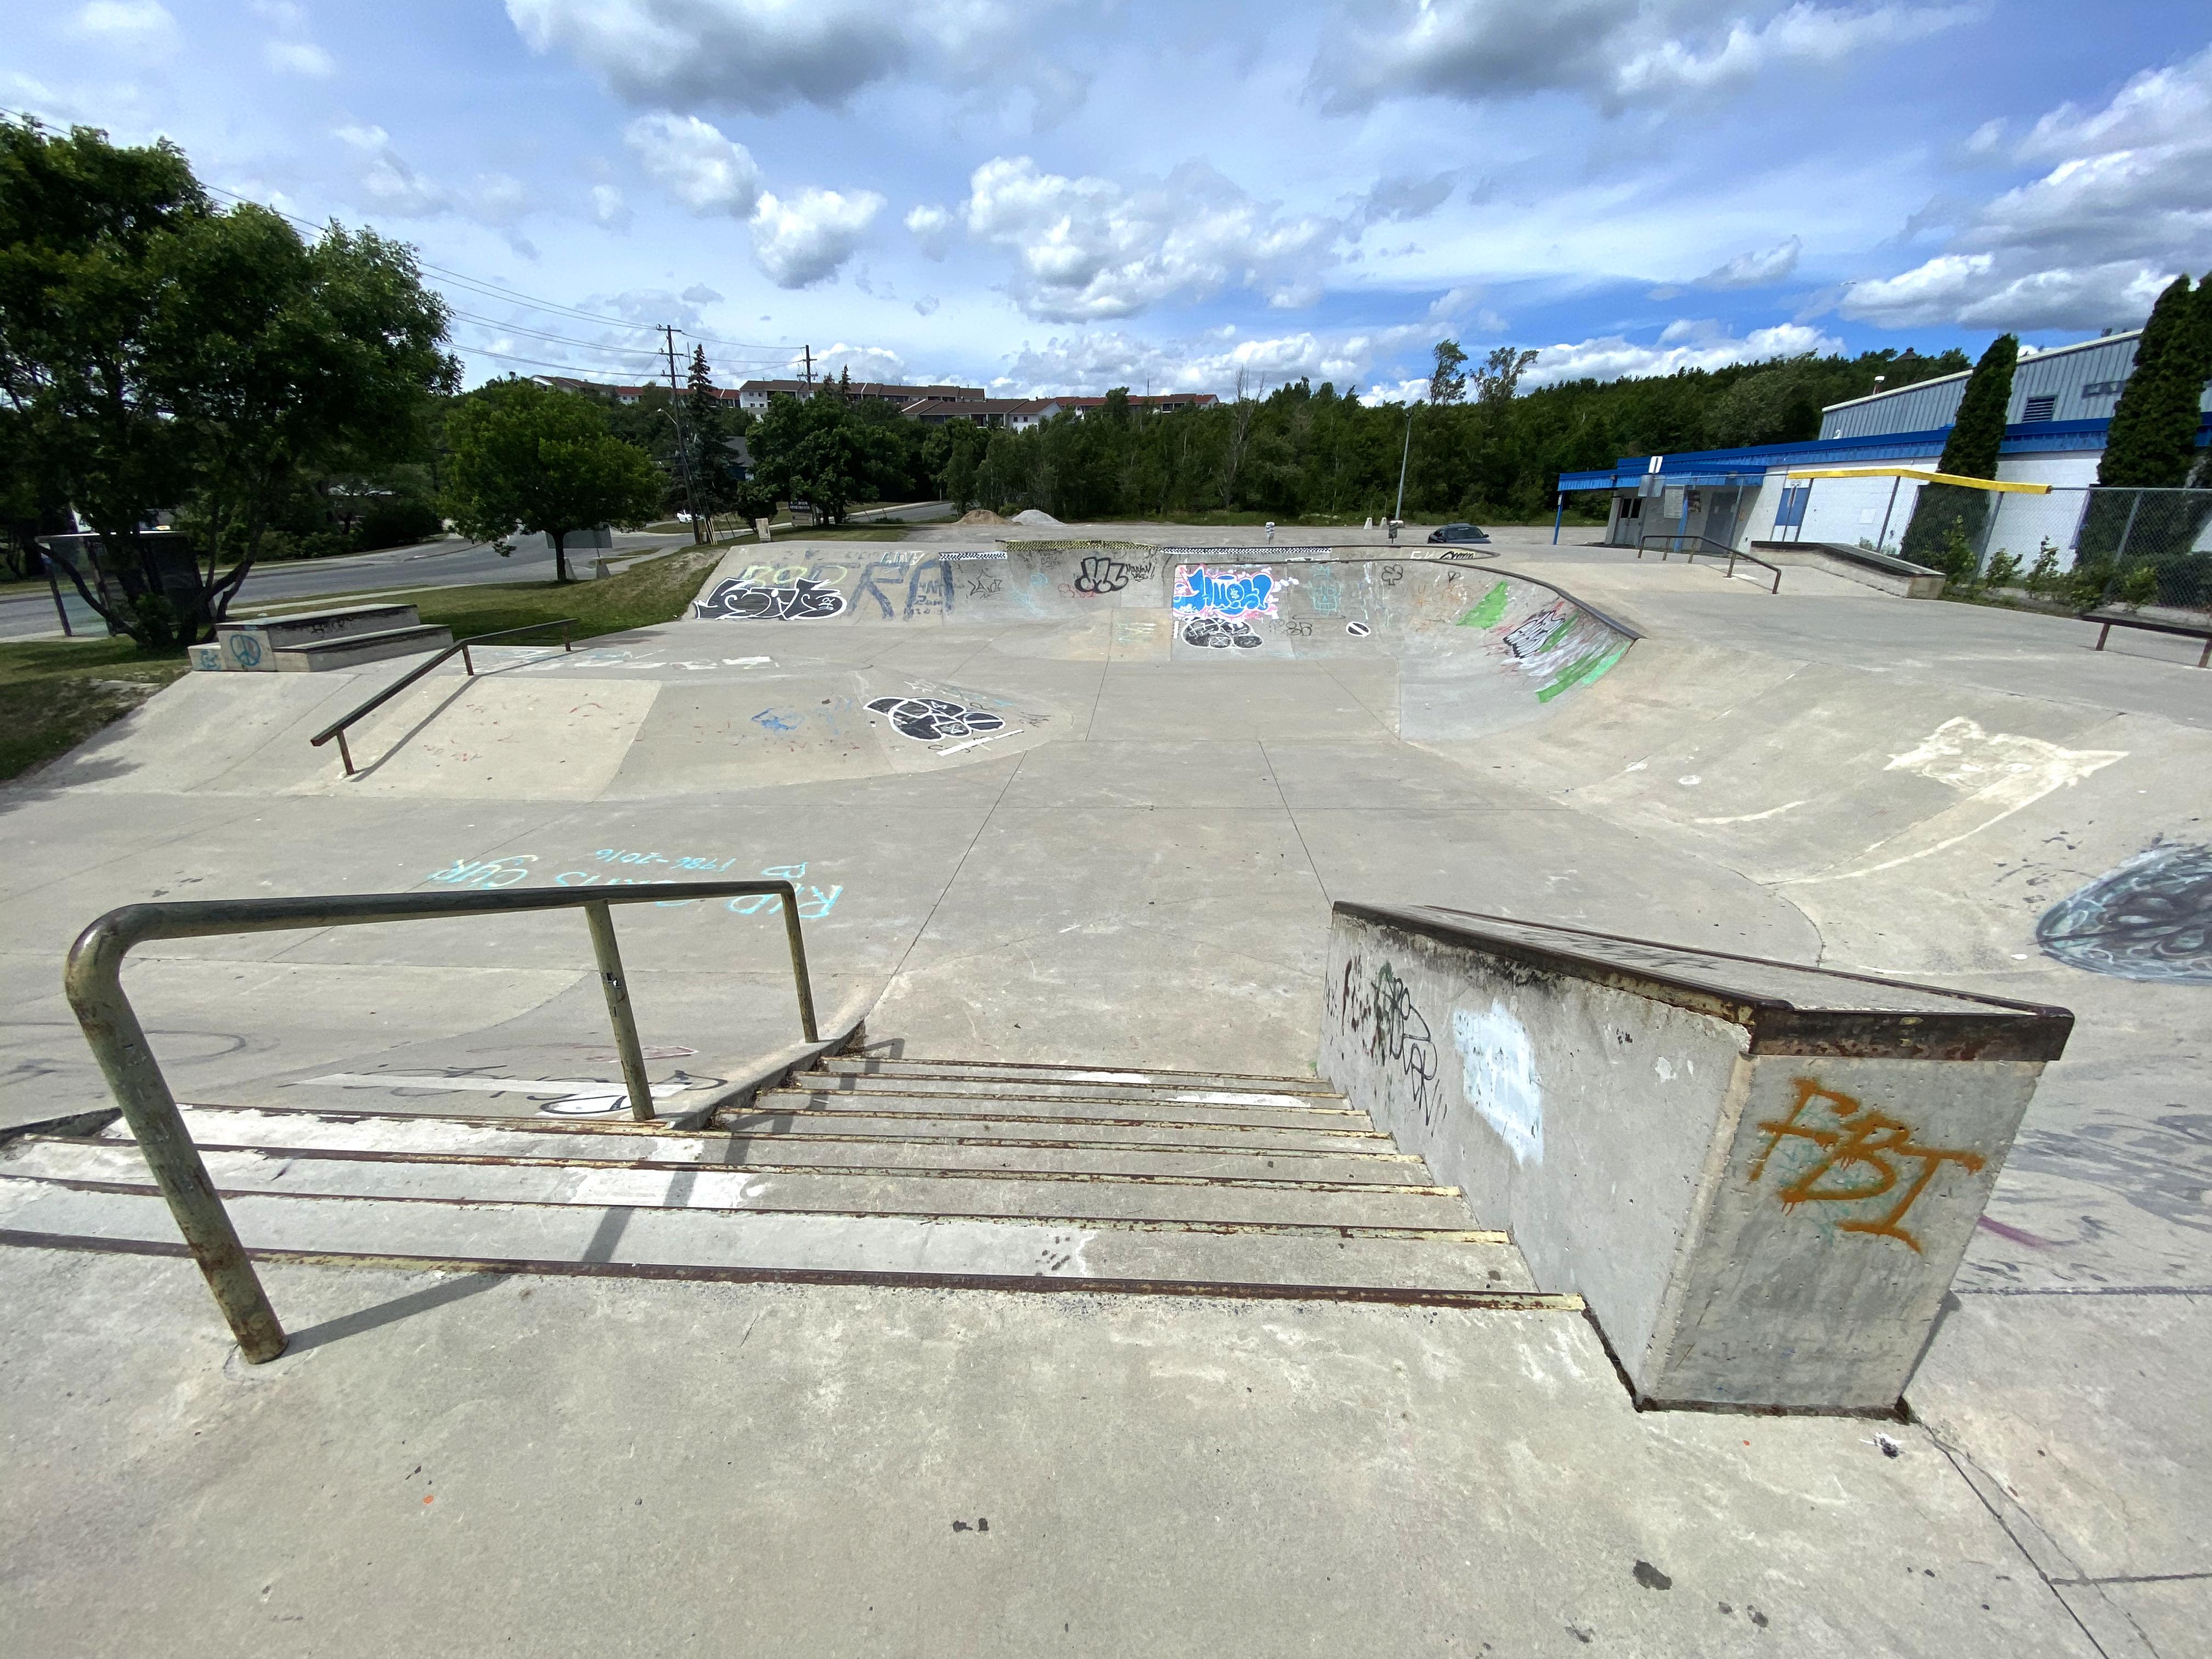 Sudbury Skatepark stair set